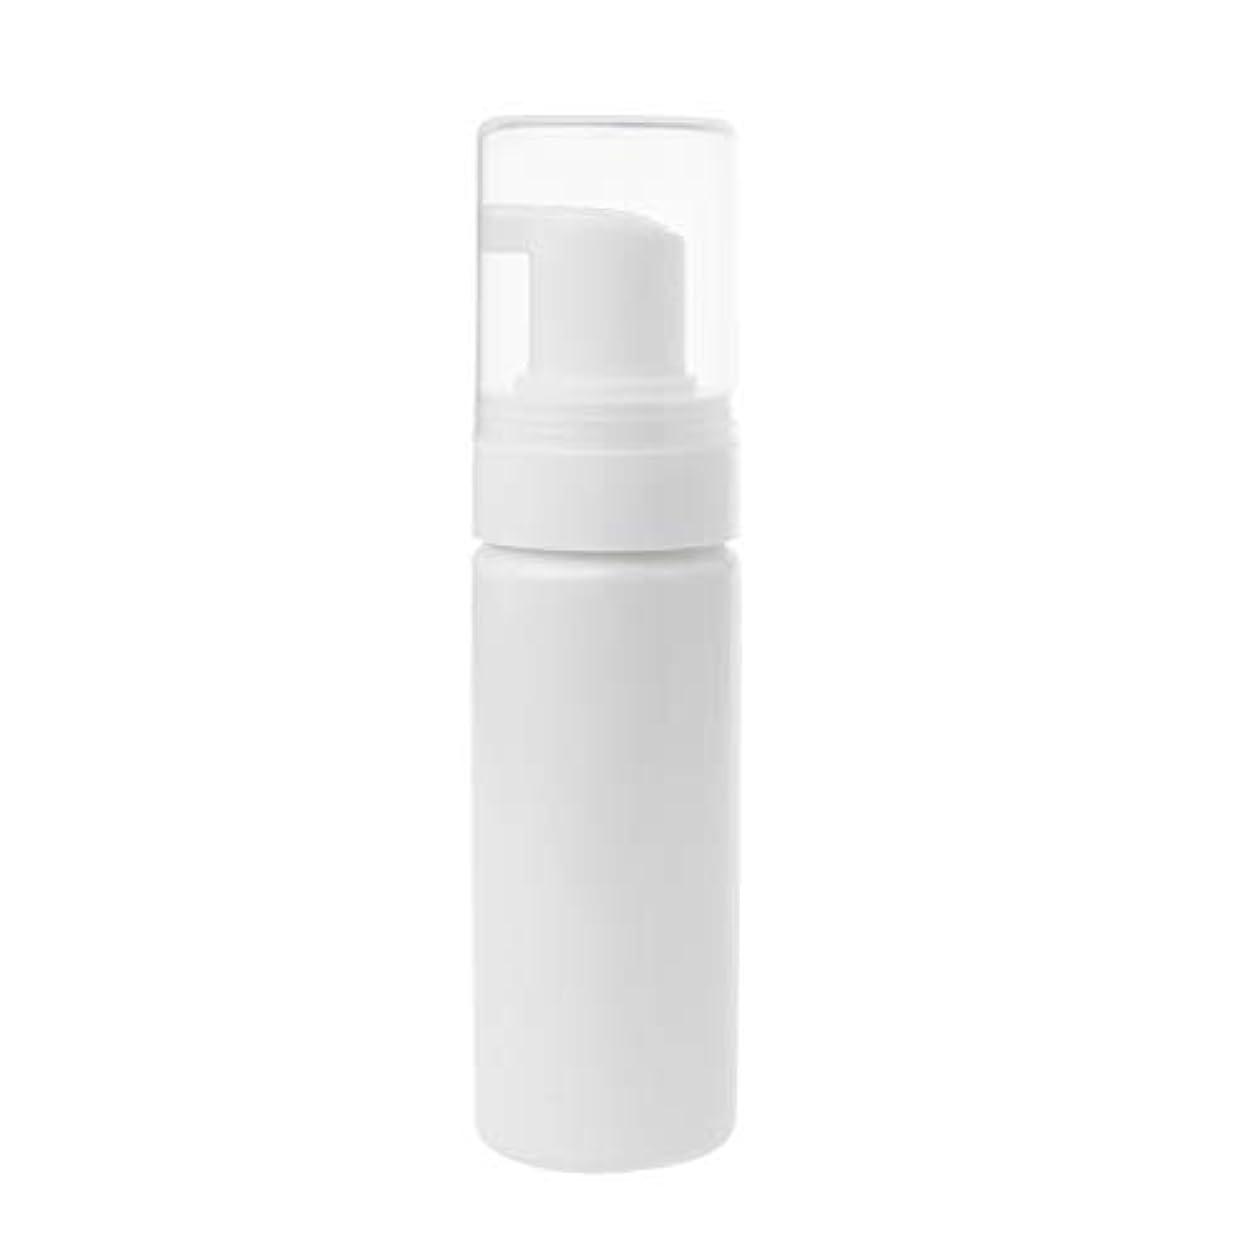 自動化管理する我慢するDabixx クリーニング旅行のための50ml空の泡立つびん旅行石鹸の液体の泡のびん - A#